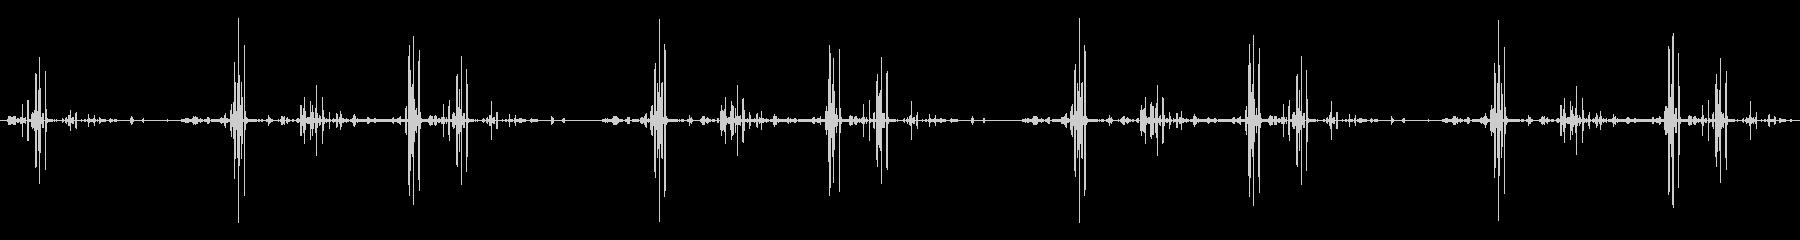 グラウスセージコールズ、アニマルバードの未再生の波形